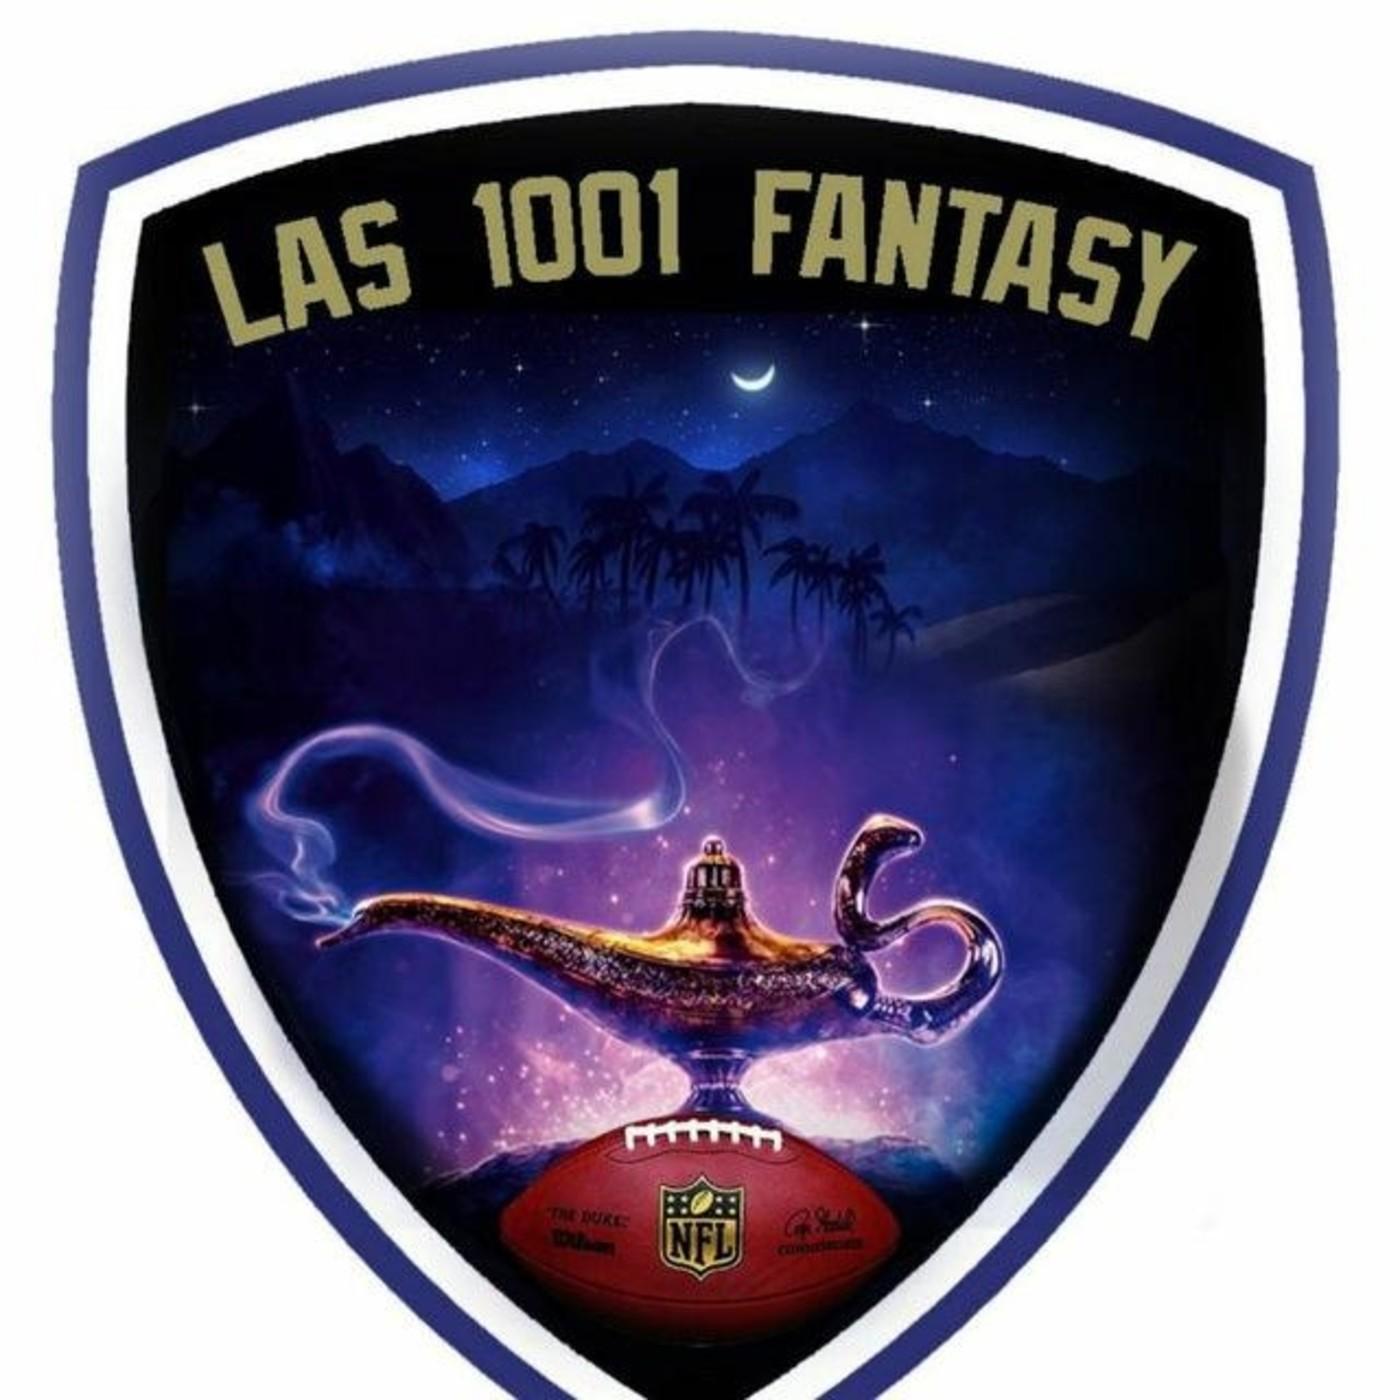 Las 1001 Fantasy - Fantasy 0027 - Previa de la Semana 3